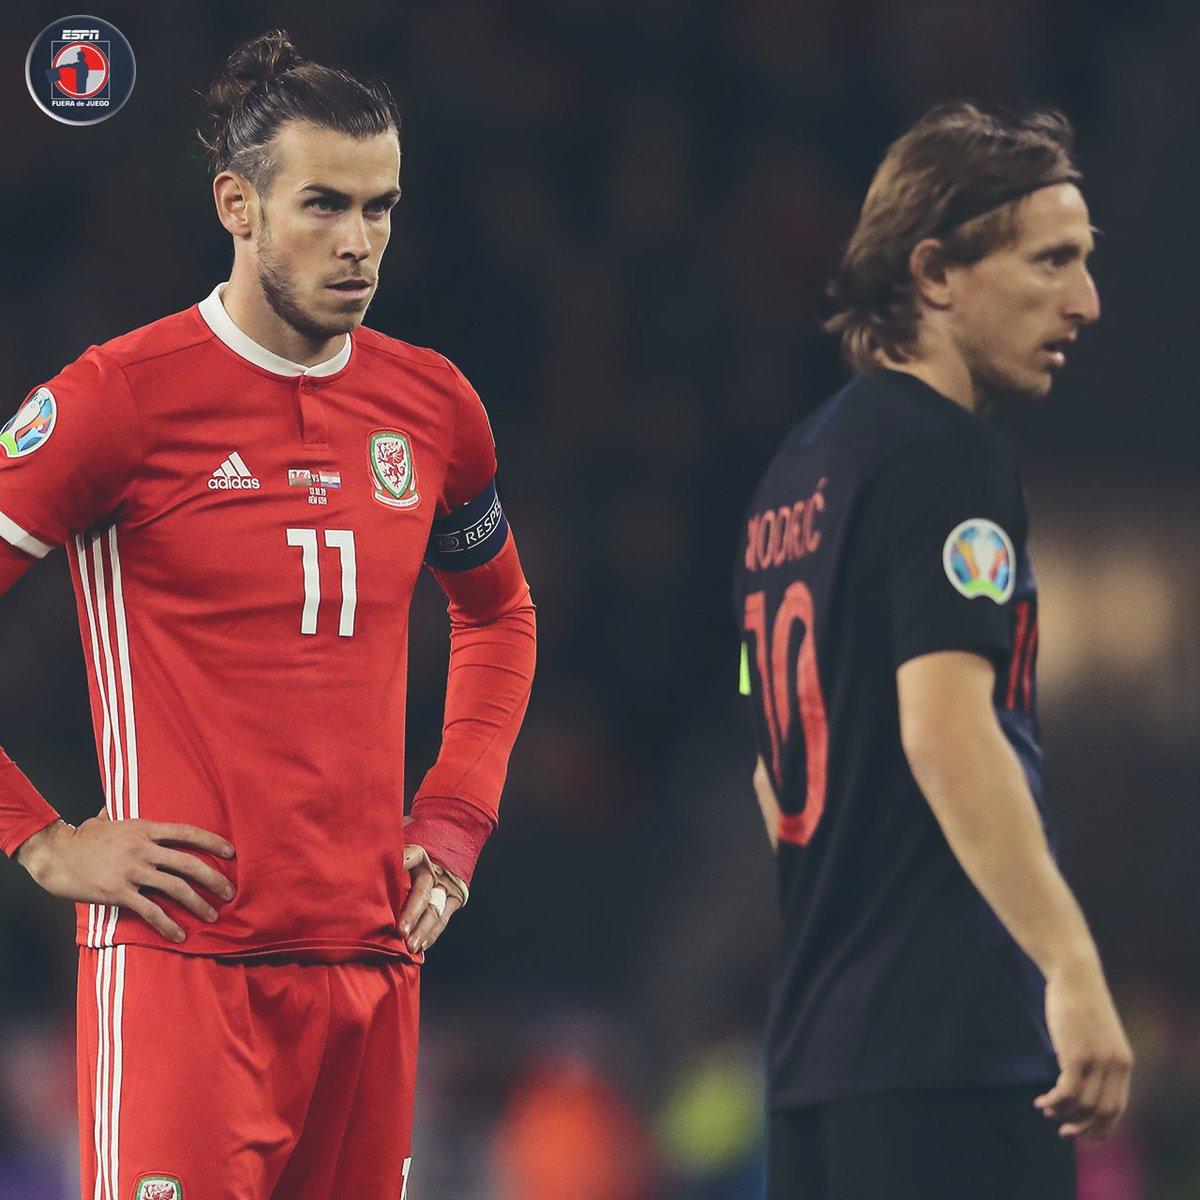 ¡No estarán en Turquía! ❌ 😫 Bale y Modric no se recuperaron de la lesión y no estarán en el partido ante Galatasaray. ¿A quién necesita más el equipo de Zidane? 👀